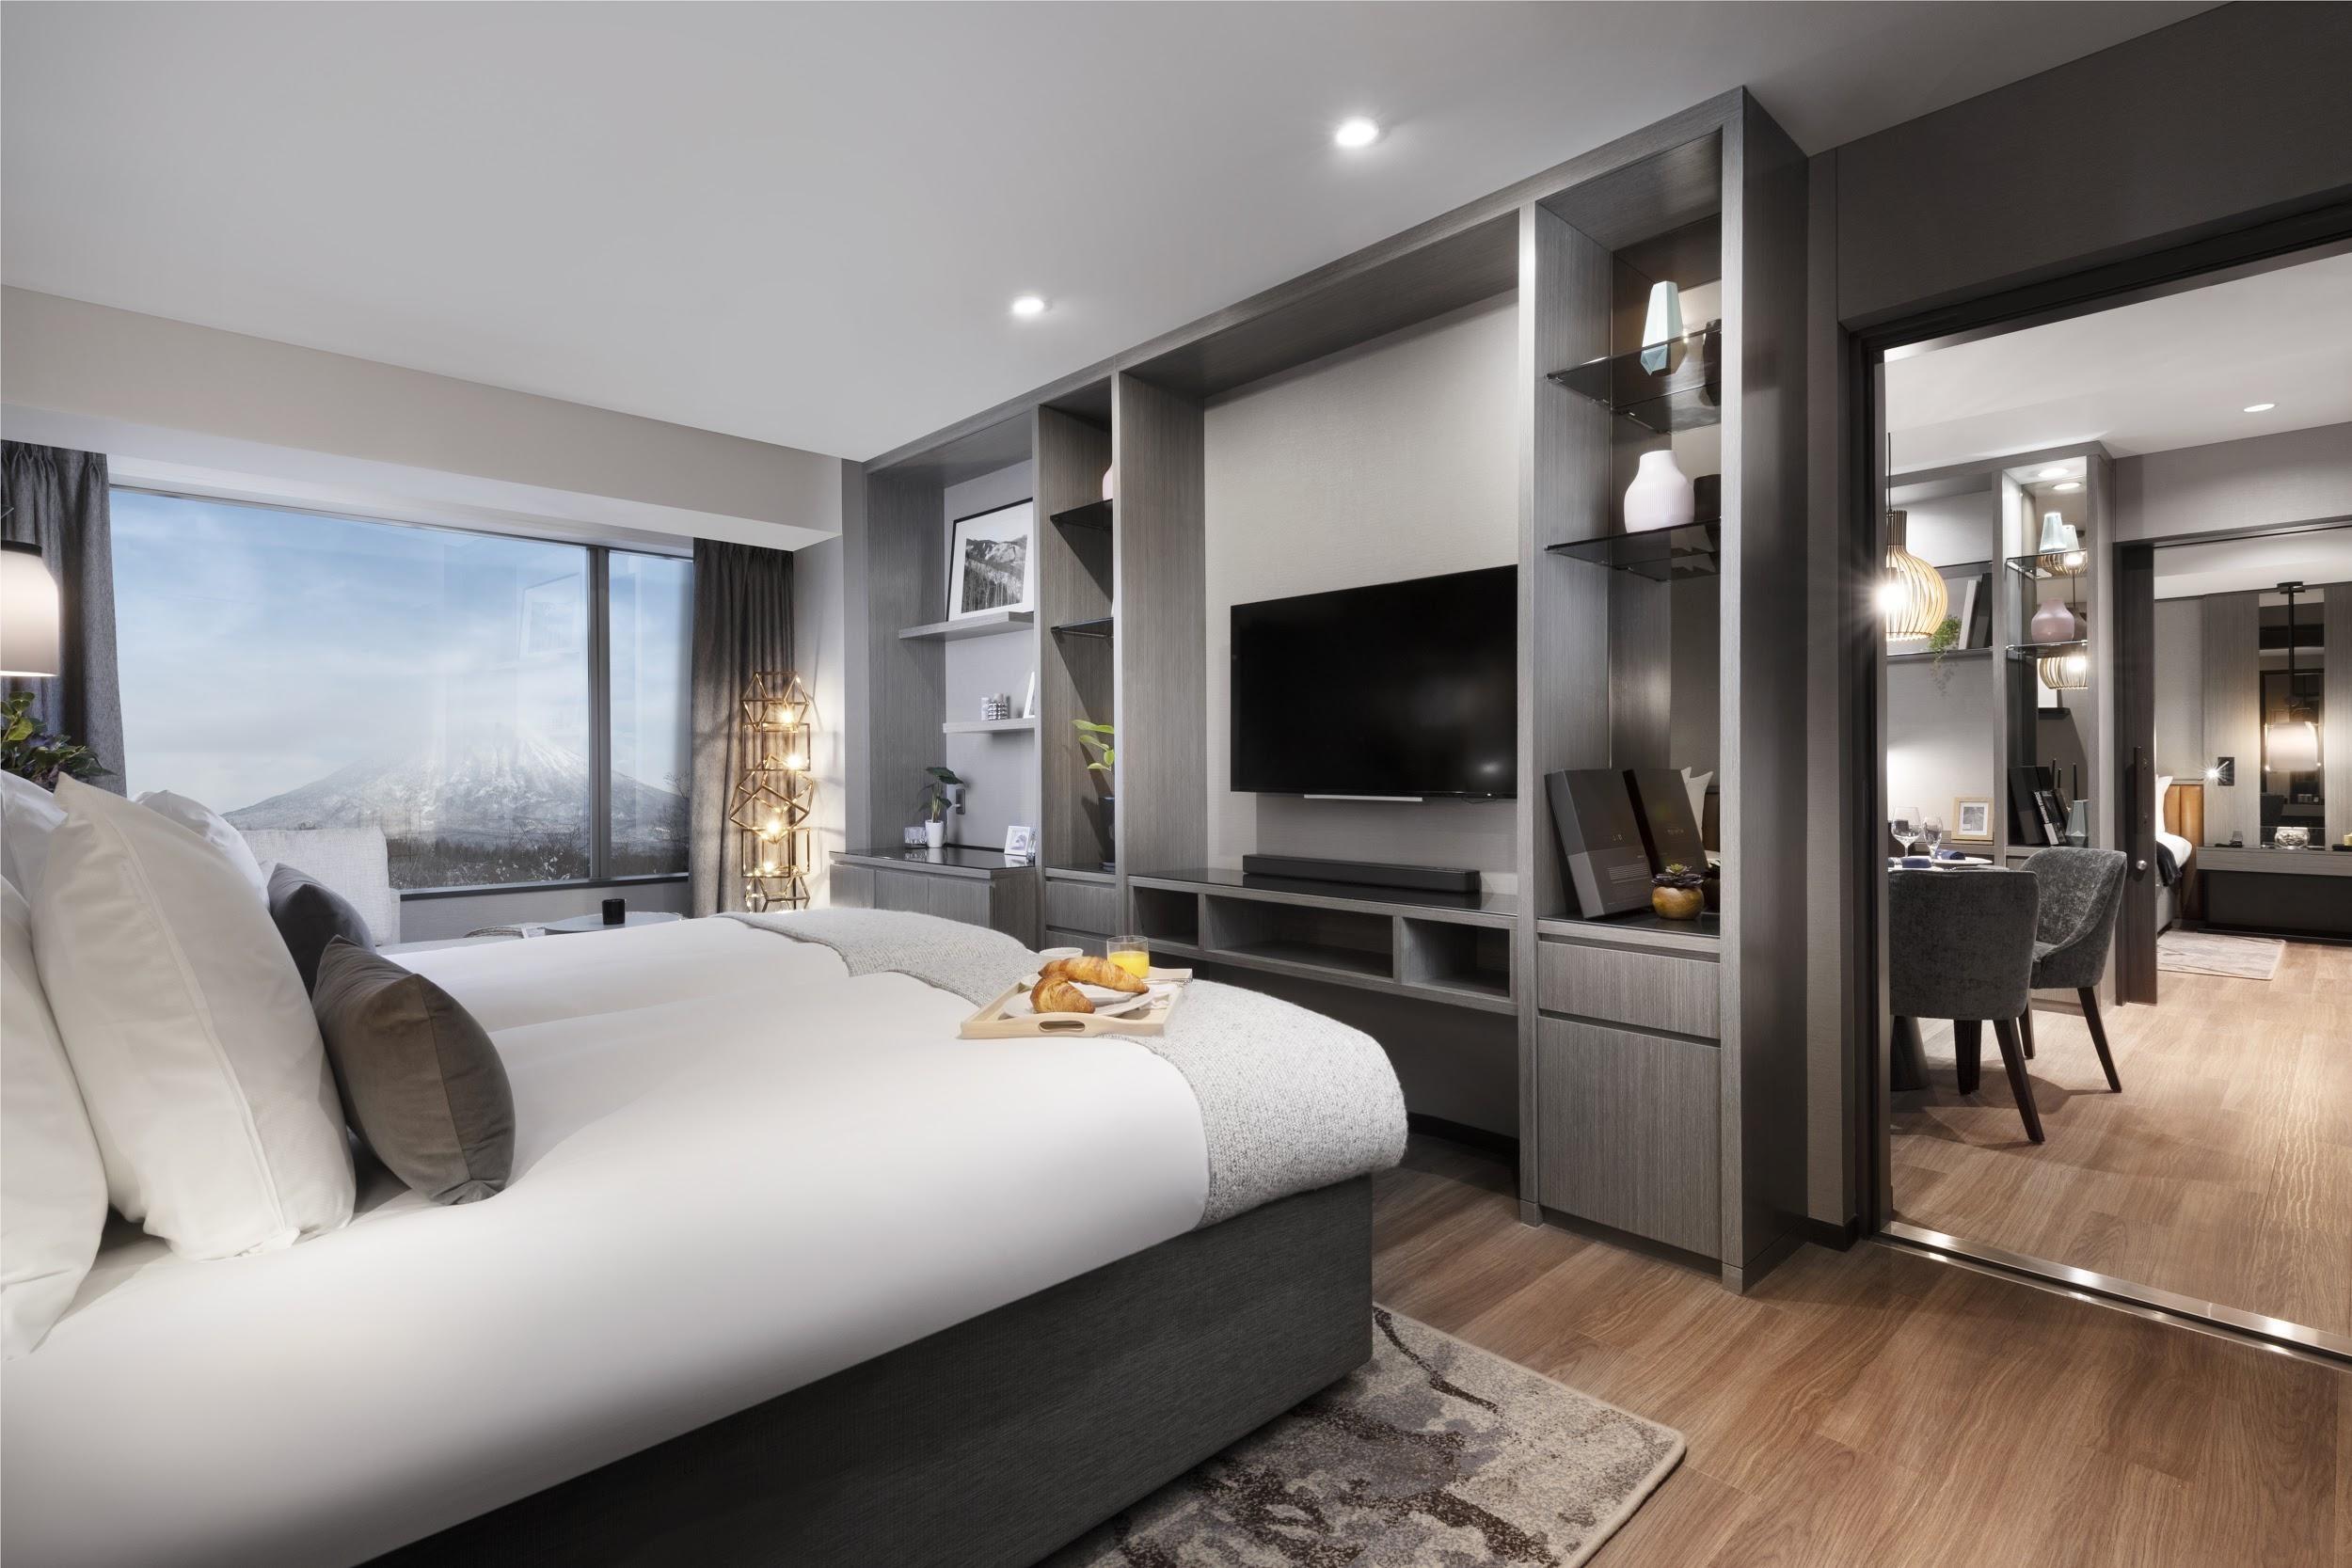 Hinode Hills Niseko Village luxury hotel to open this 1st of December 2019 - Alvinology